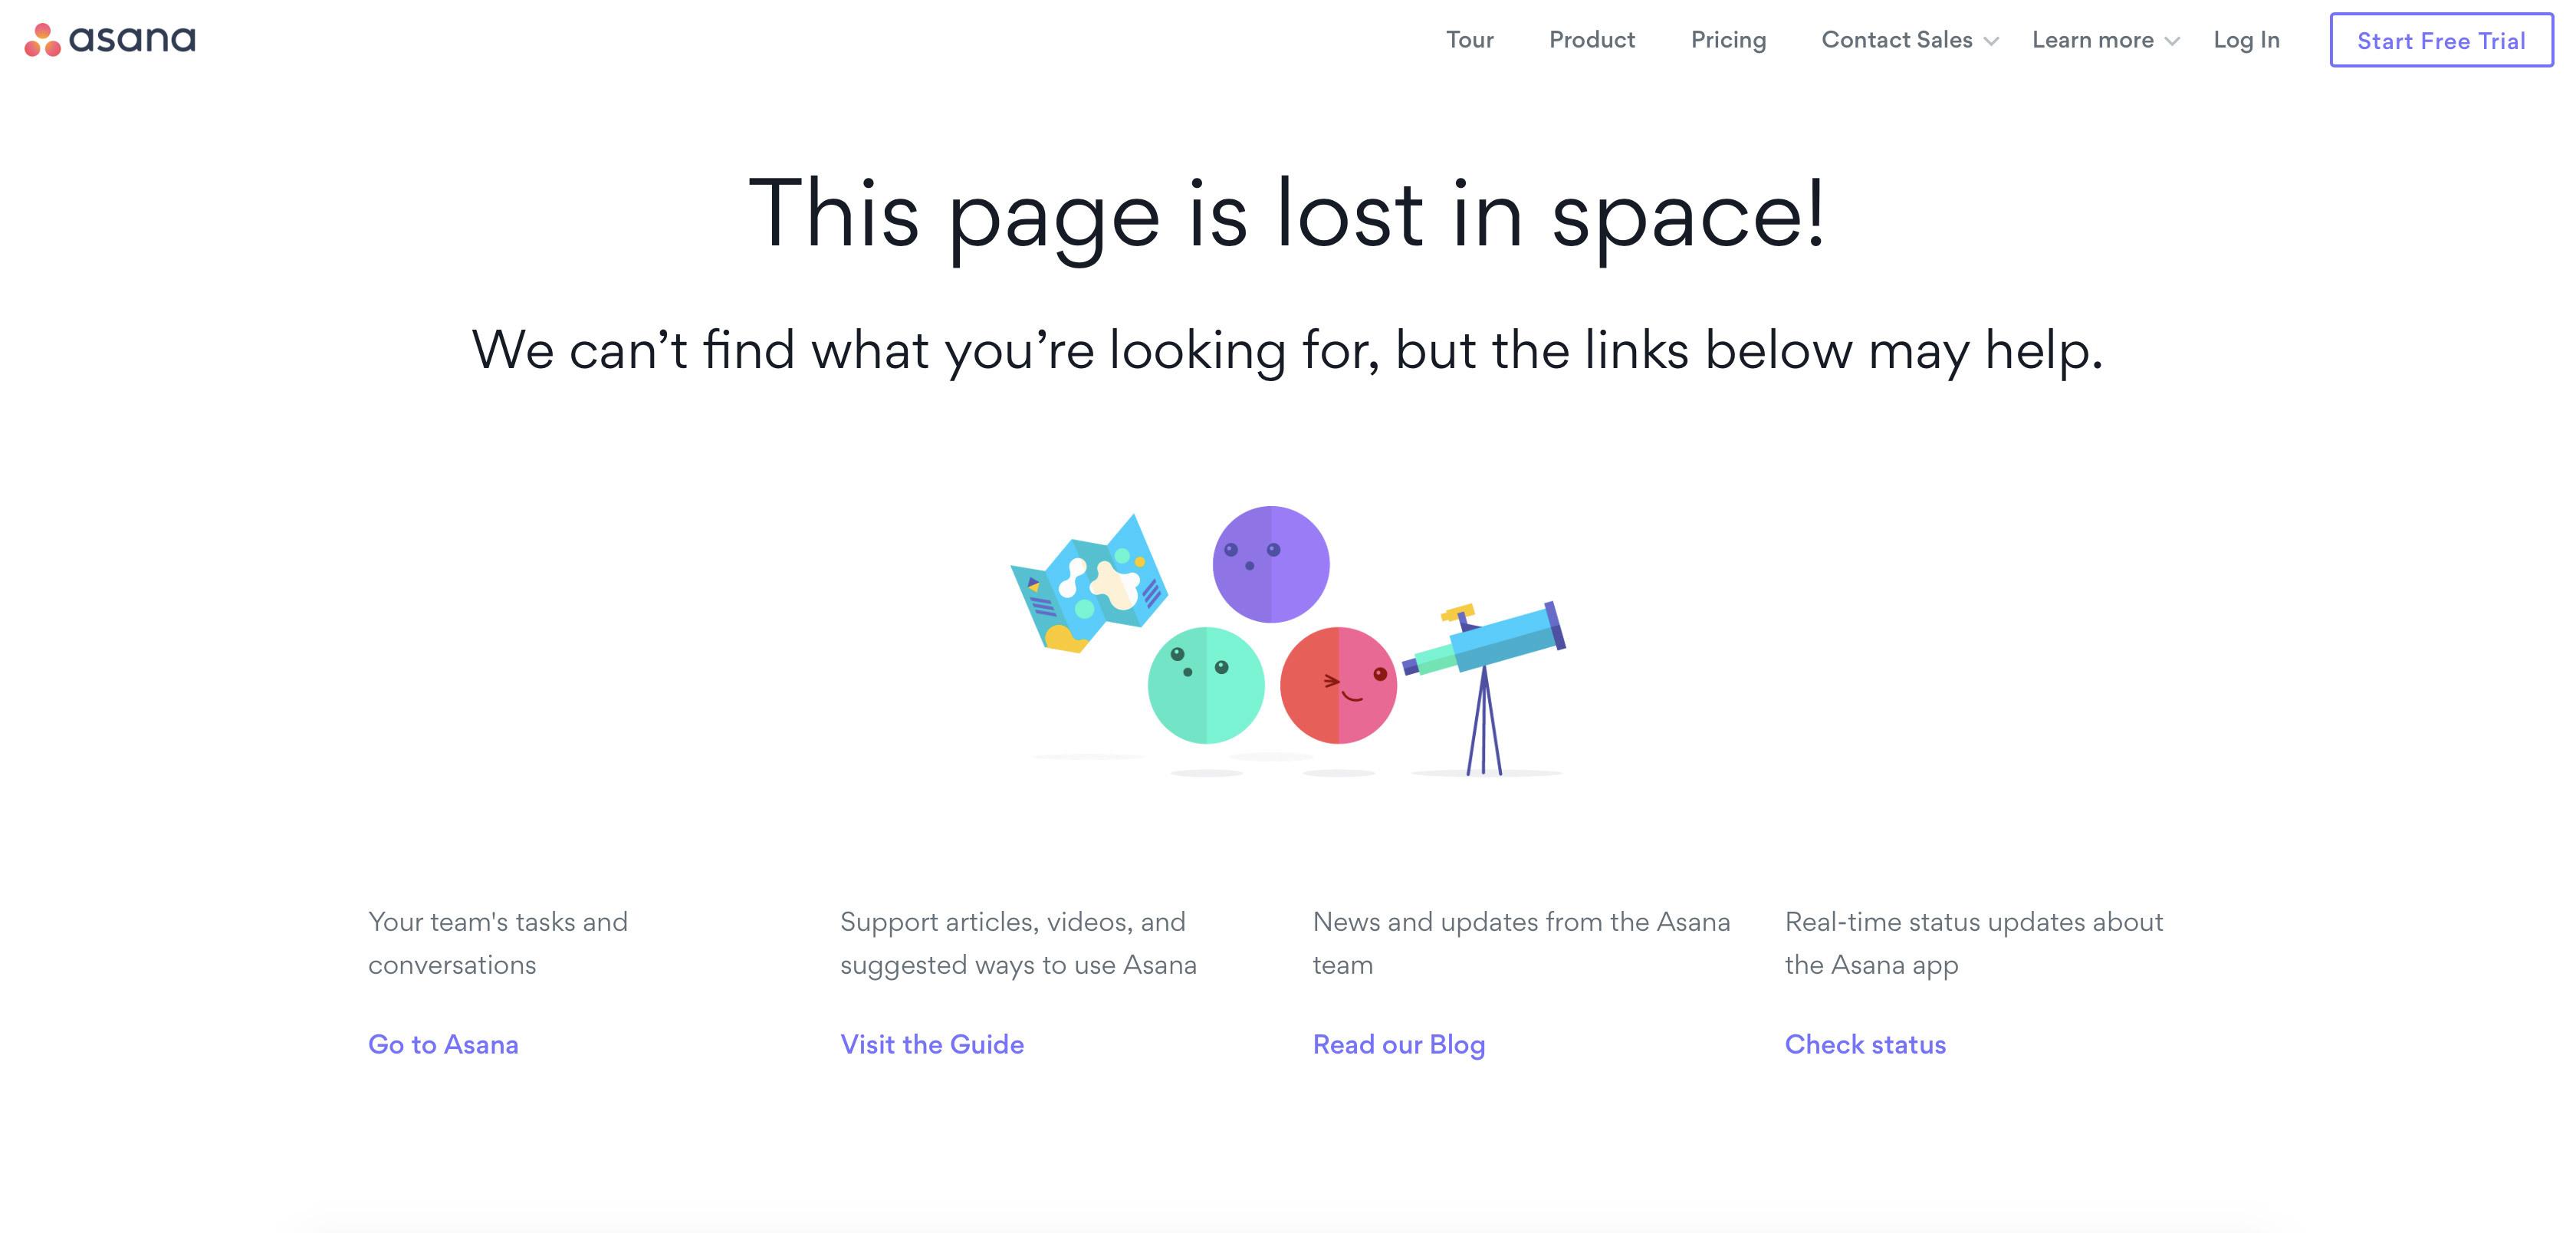 La pagina 404 di Asana: ottimo esempio di microcopy